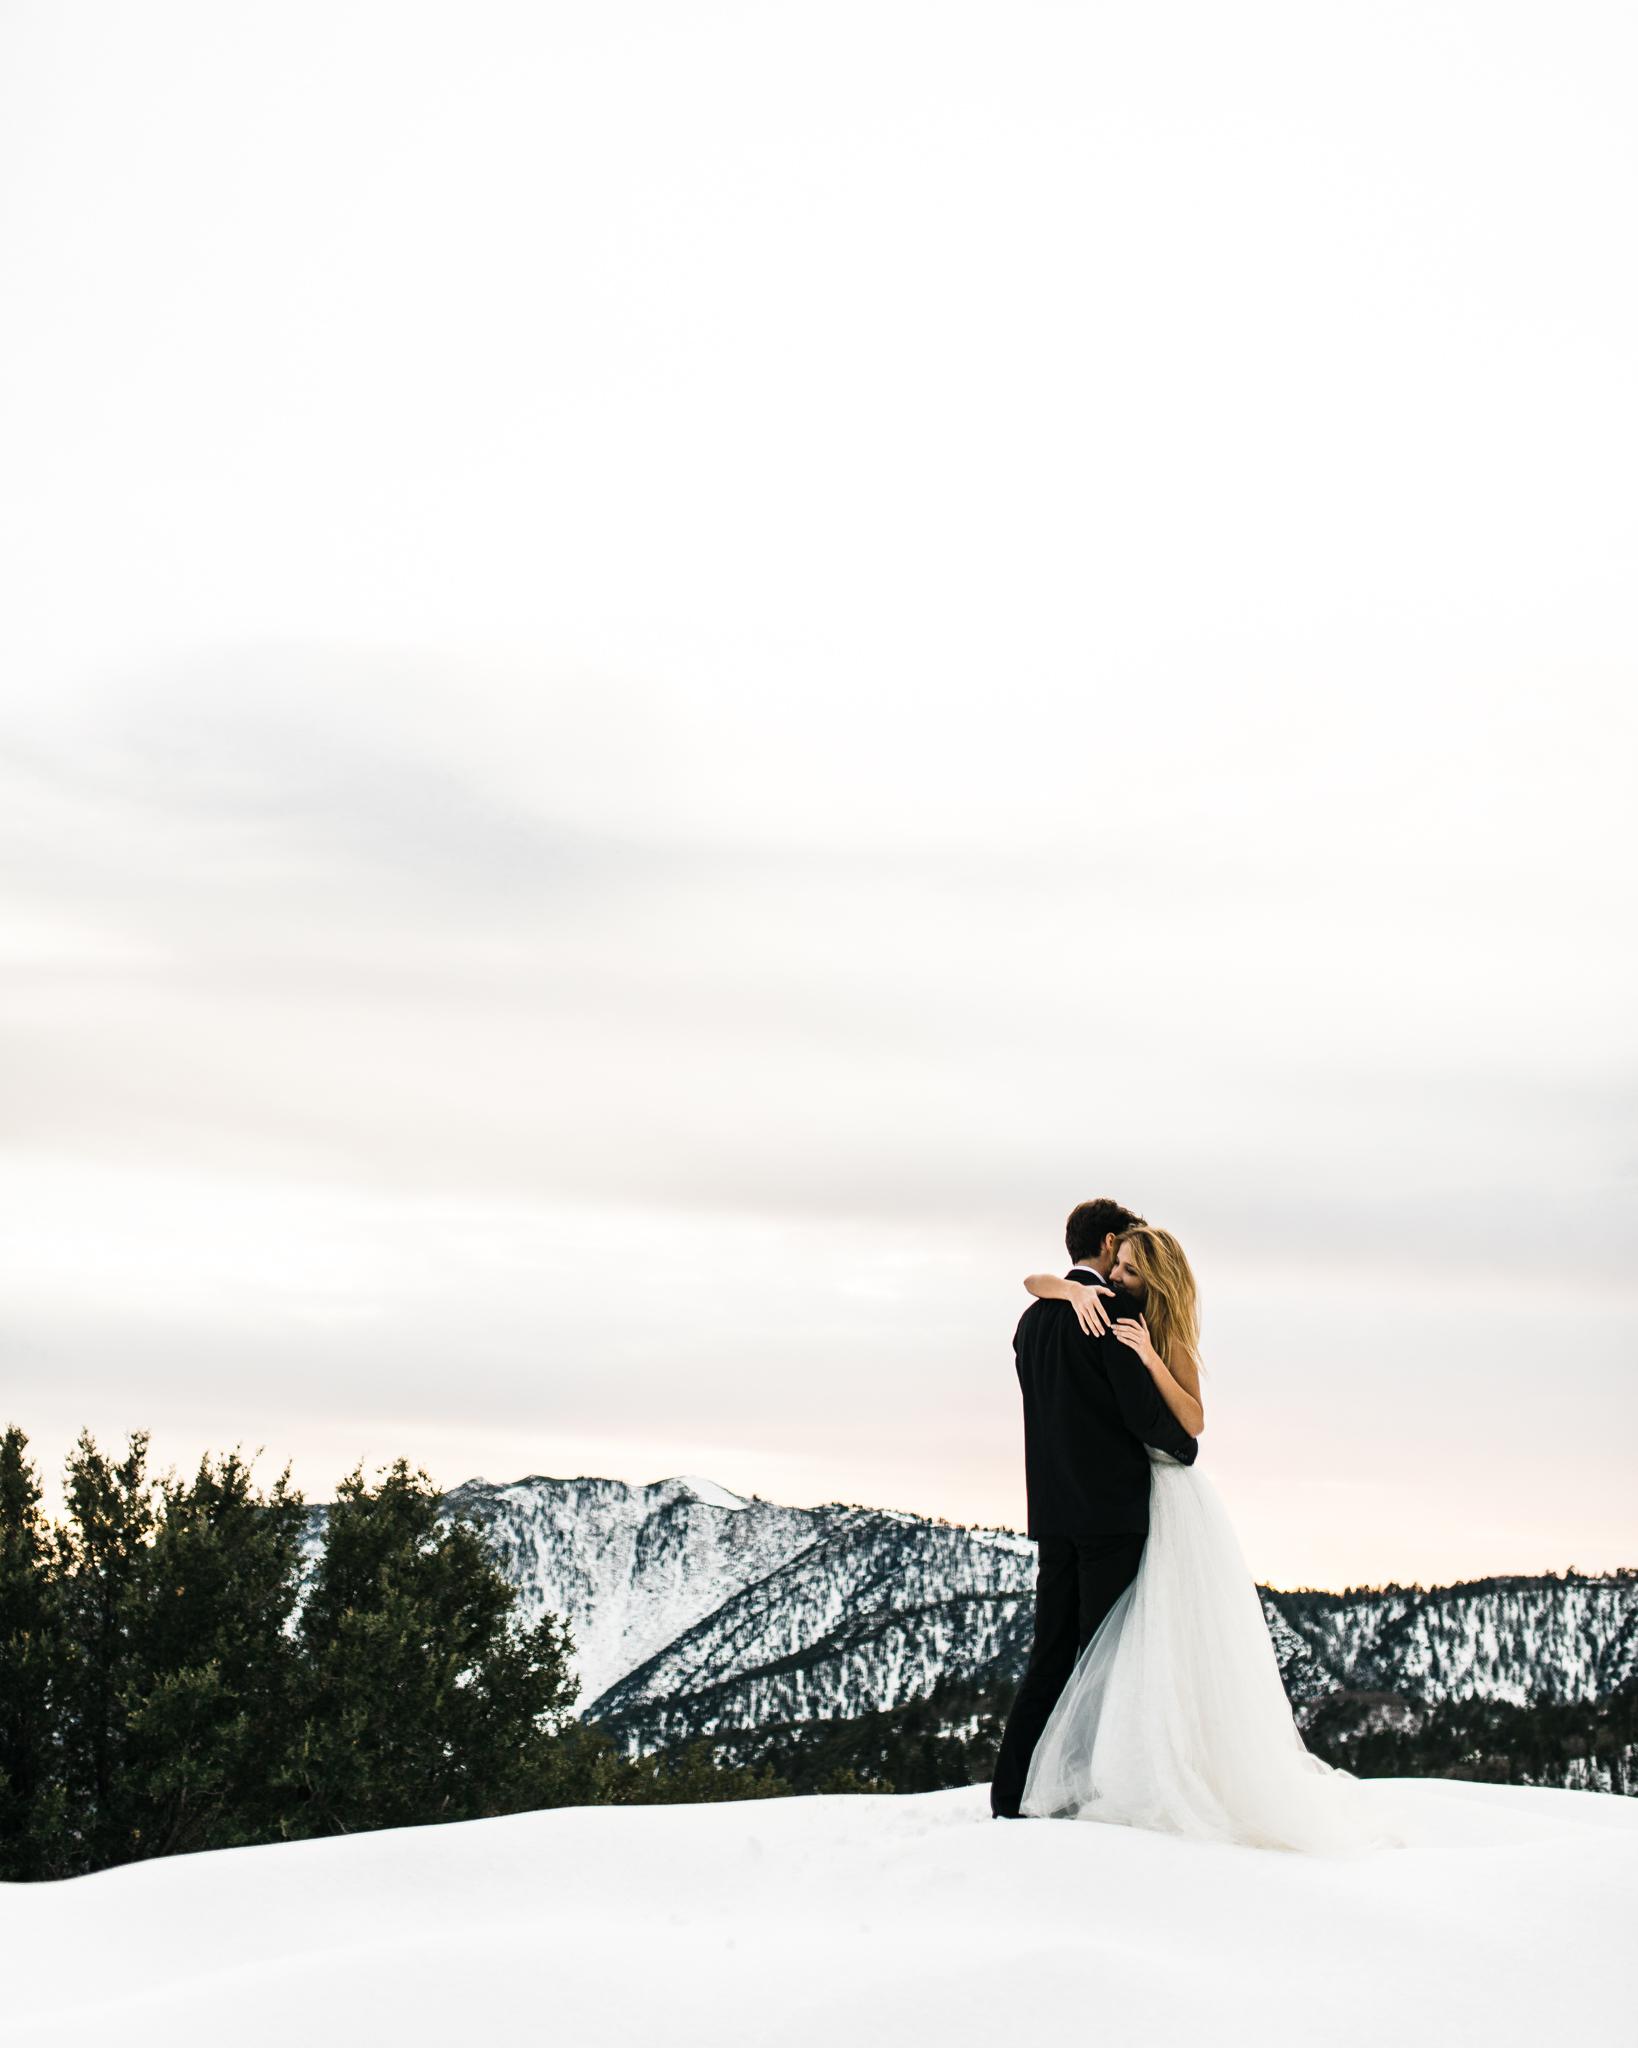 ©Isaiah & Taylor Photography - Ben & Kadin Honeymoon-039.jpg